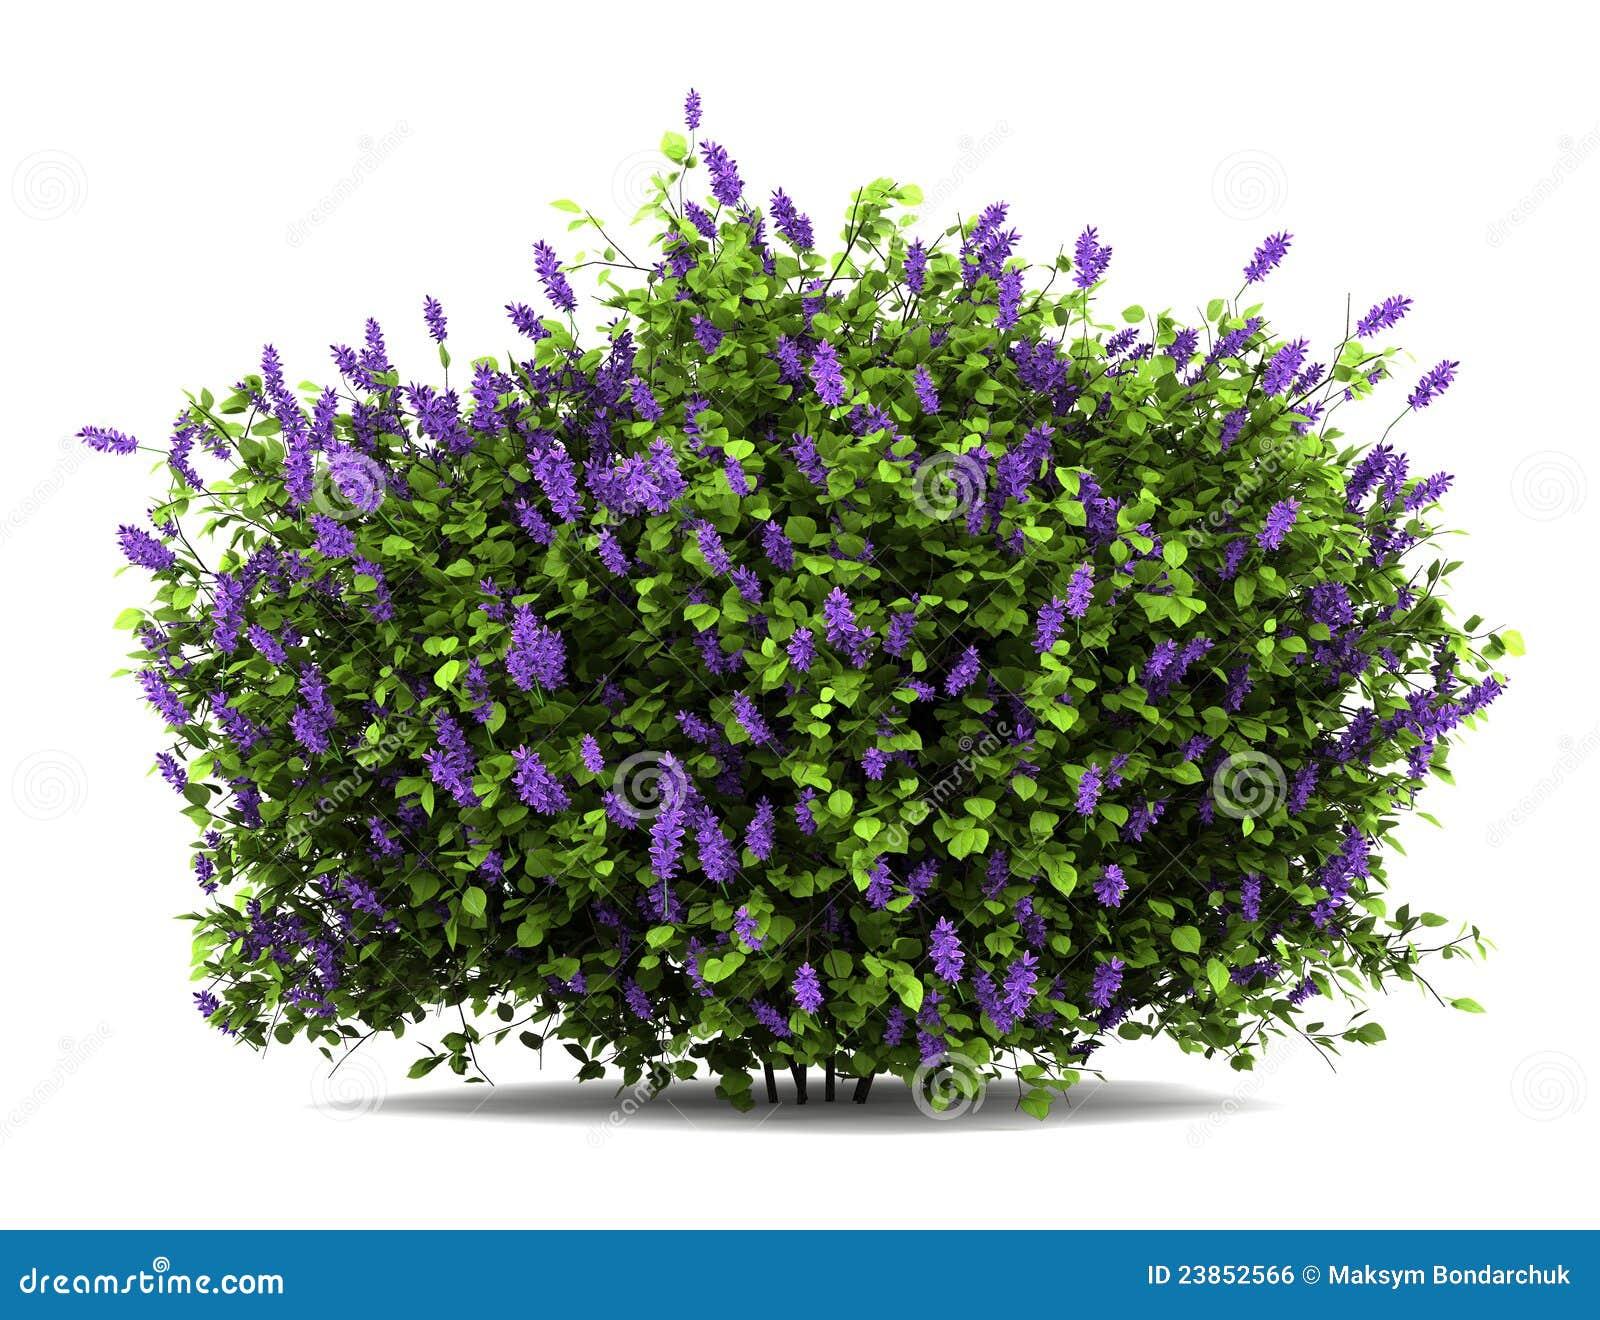 Lilac Flowers Bush Isolated On White Stock Photo Image